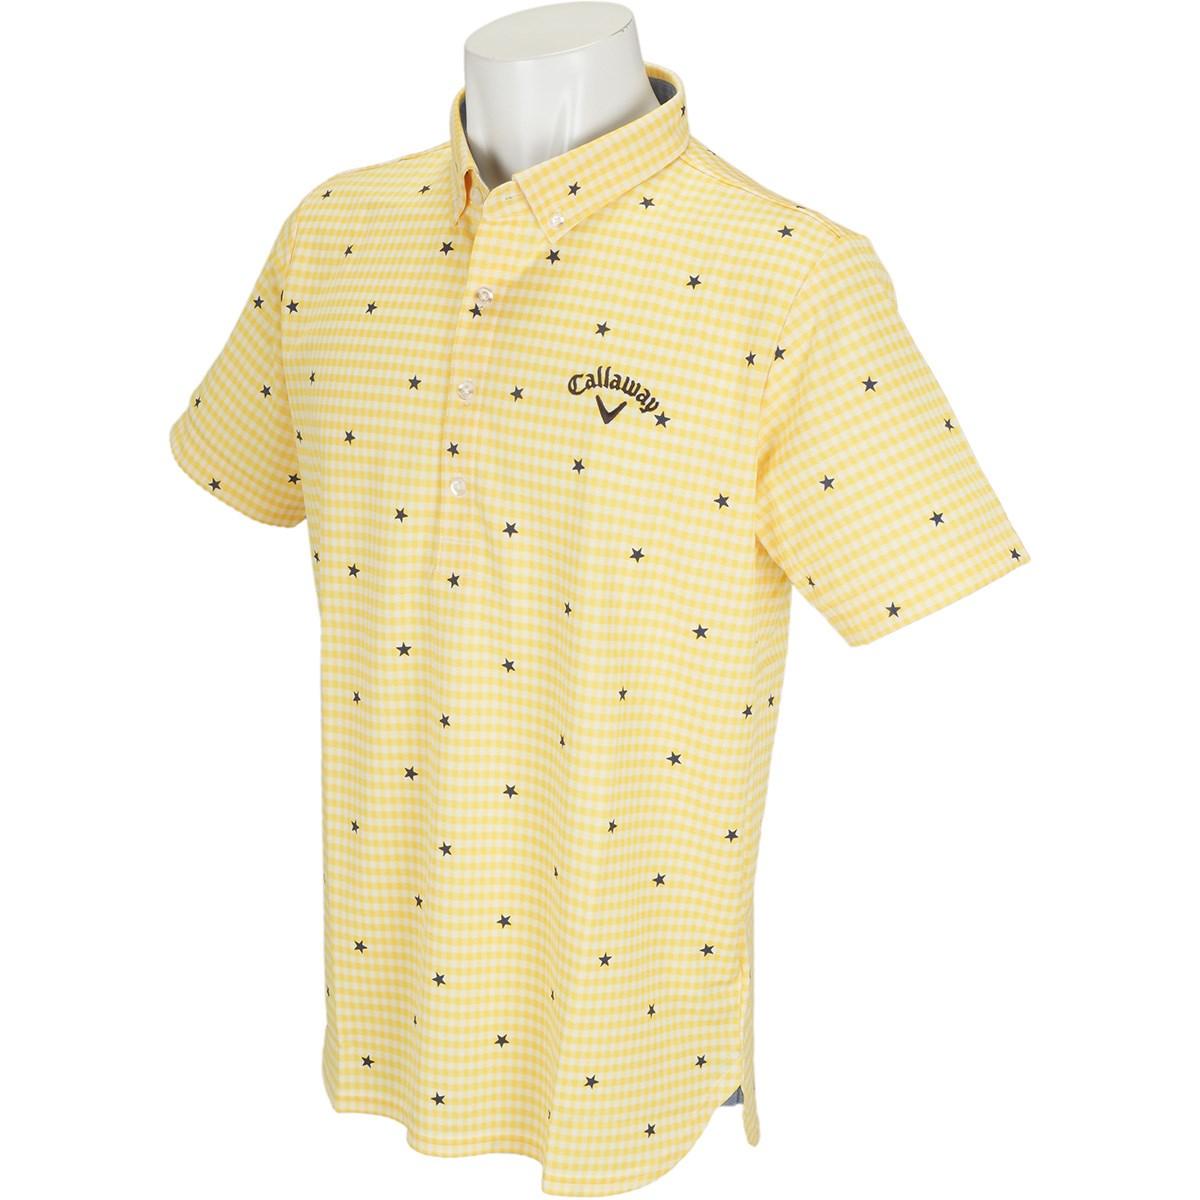 キャロウェイゴルフ(Callaway Golf) ボタンダウン -2度COOLギンガム カラー半袖ポロシャツ